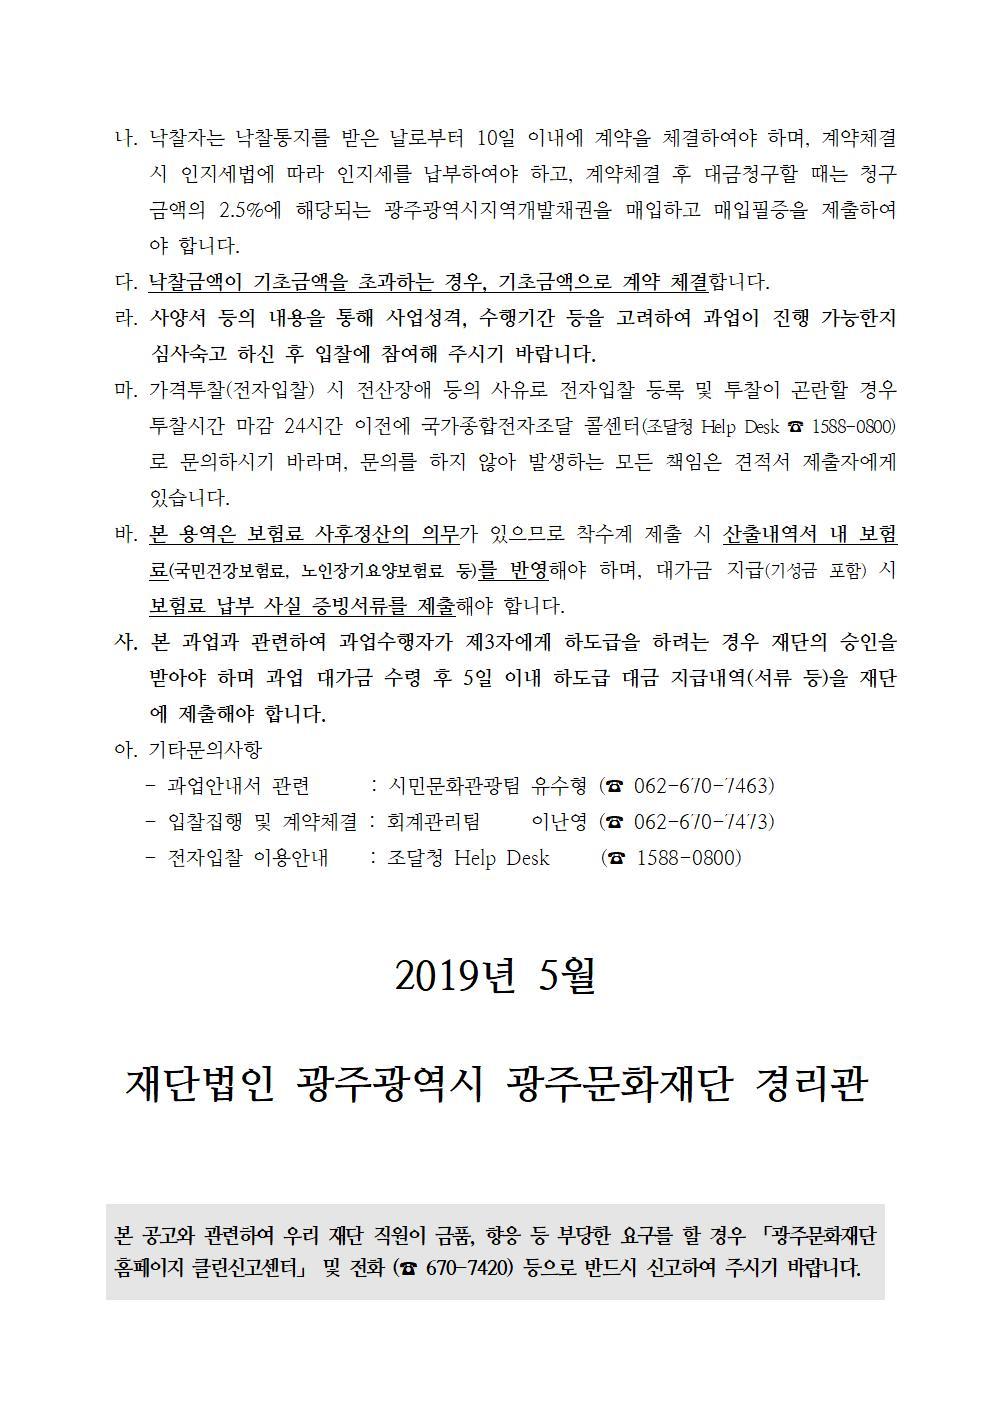 공고문(2019광주프린지페스티벌 연간 홍보물제작용역)004.jpg